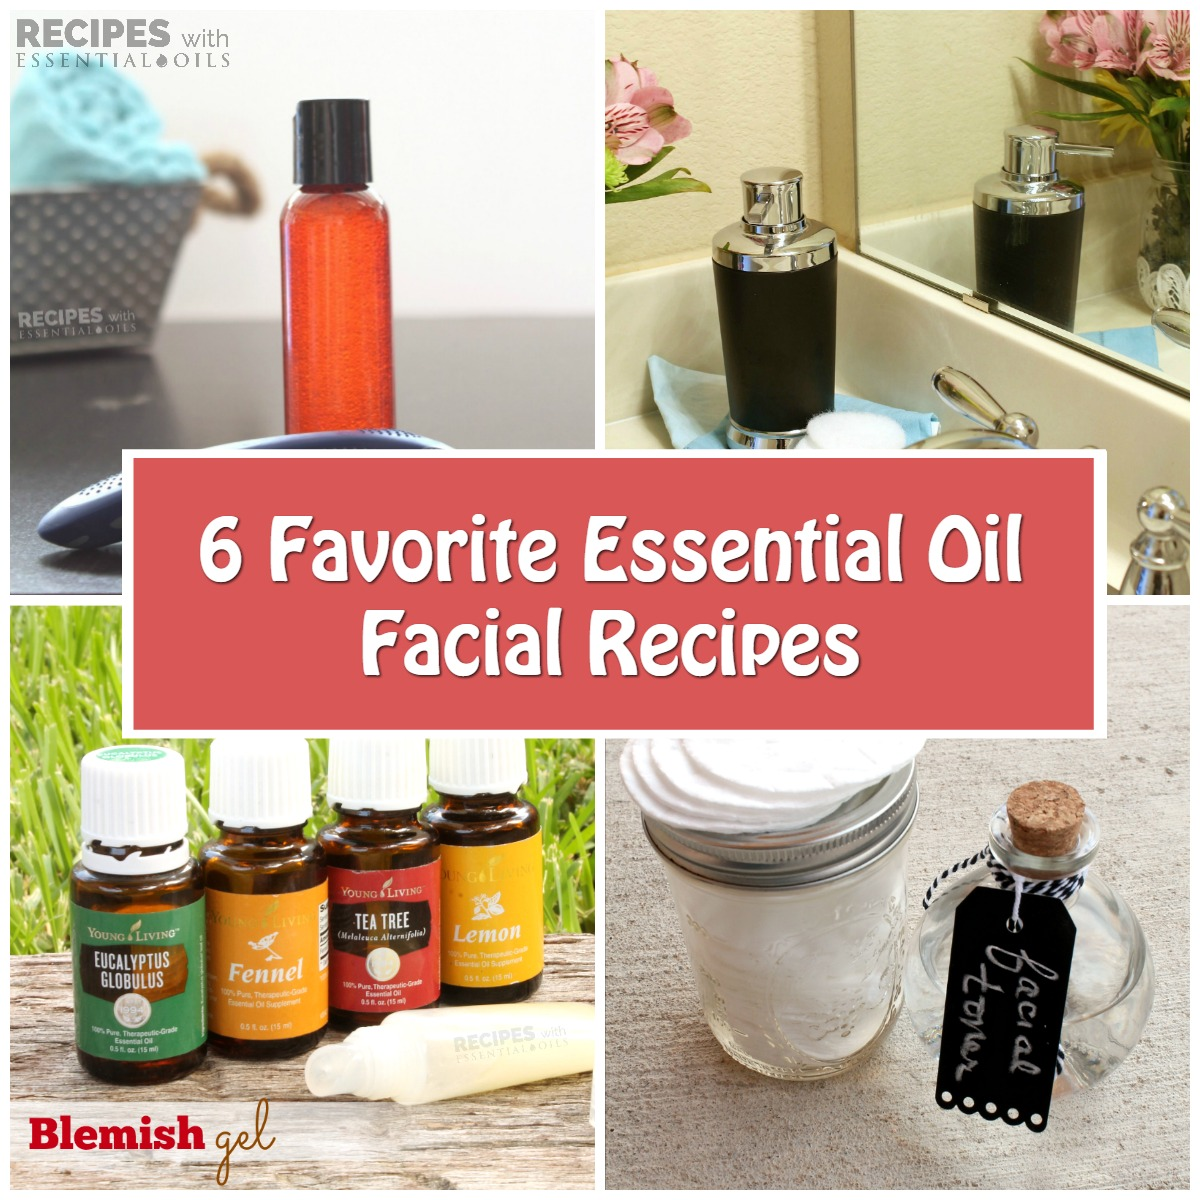 6 Favorite Essential Oil Facial Recipes